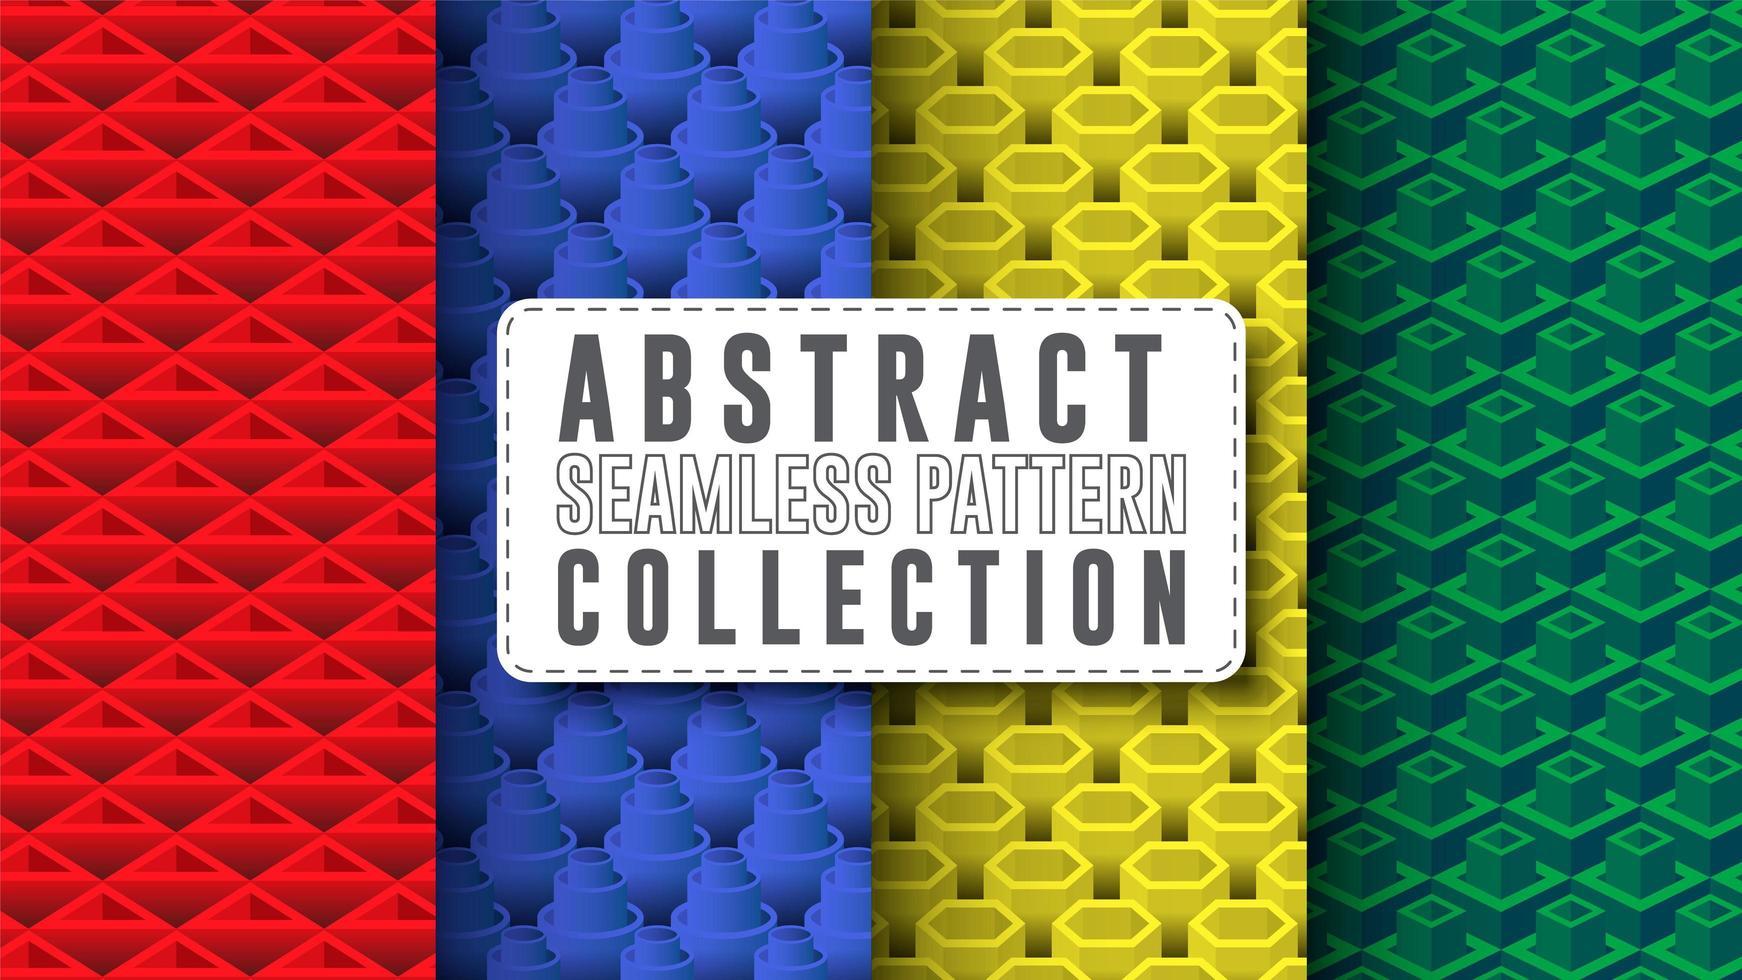 collection de motifs abstraits et géométriques sans soudure vecteur